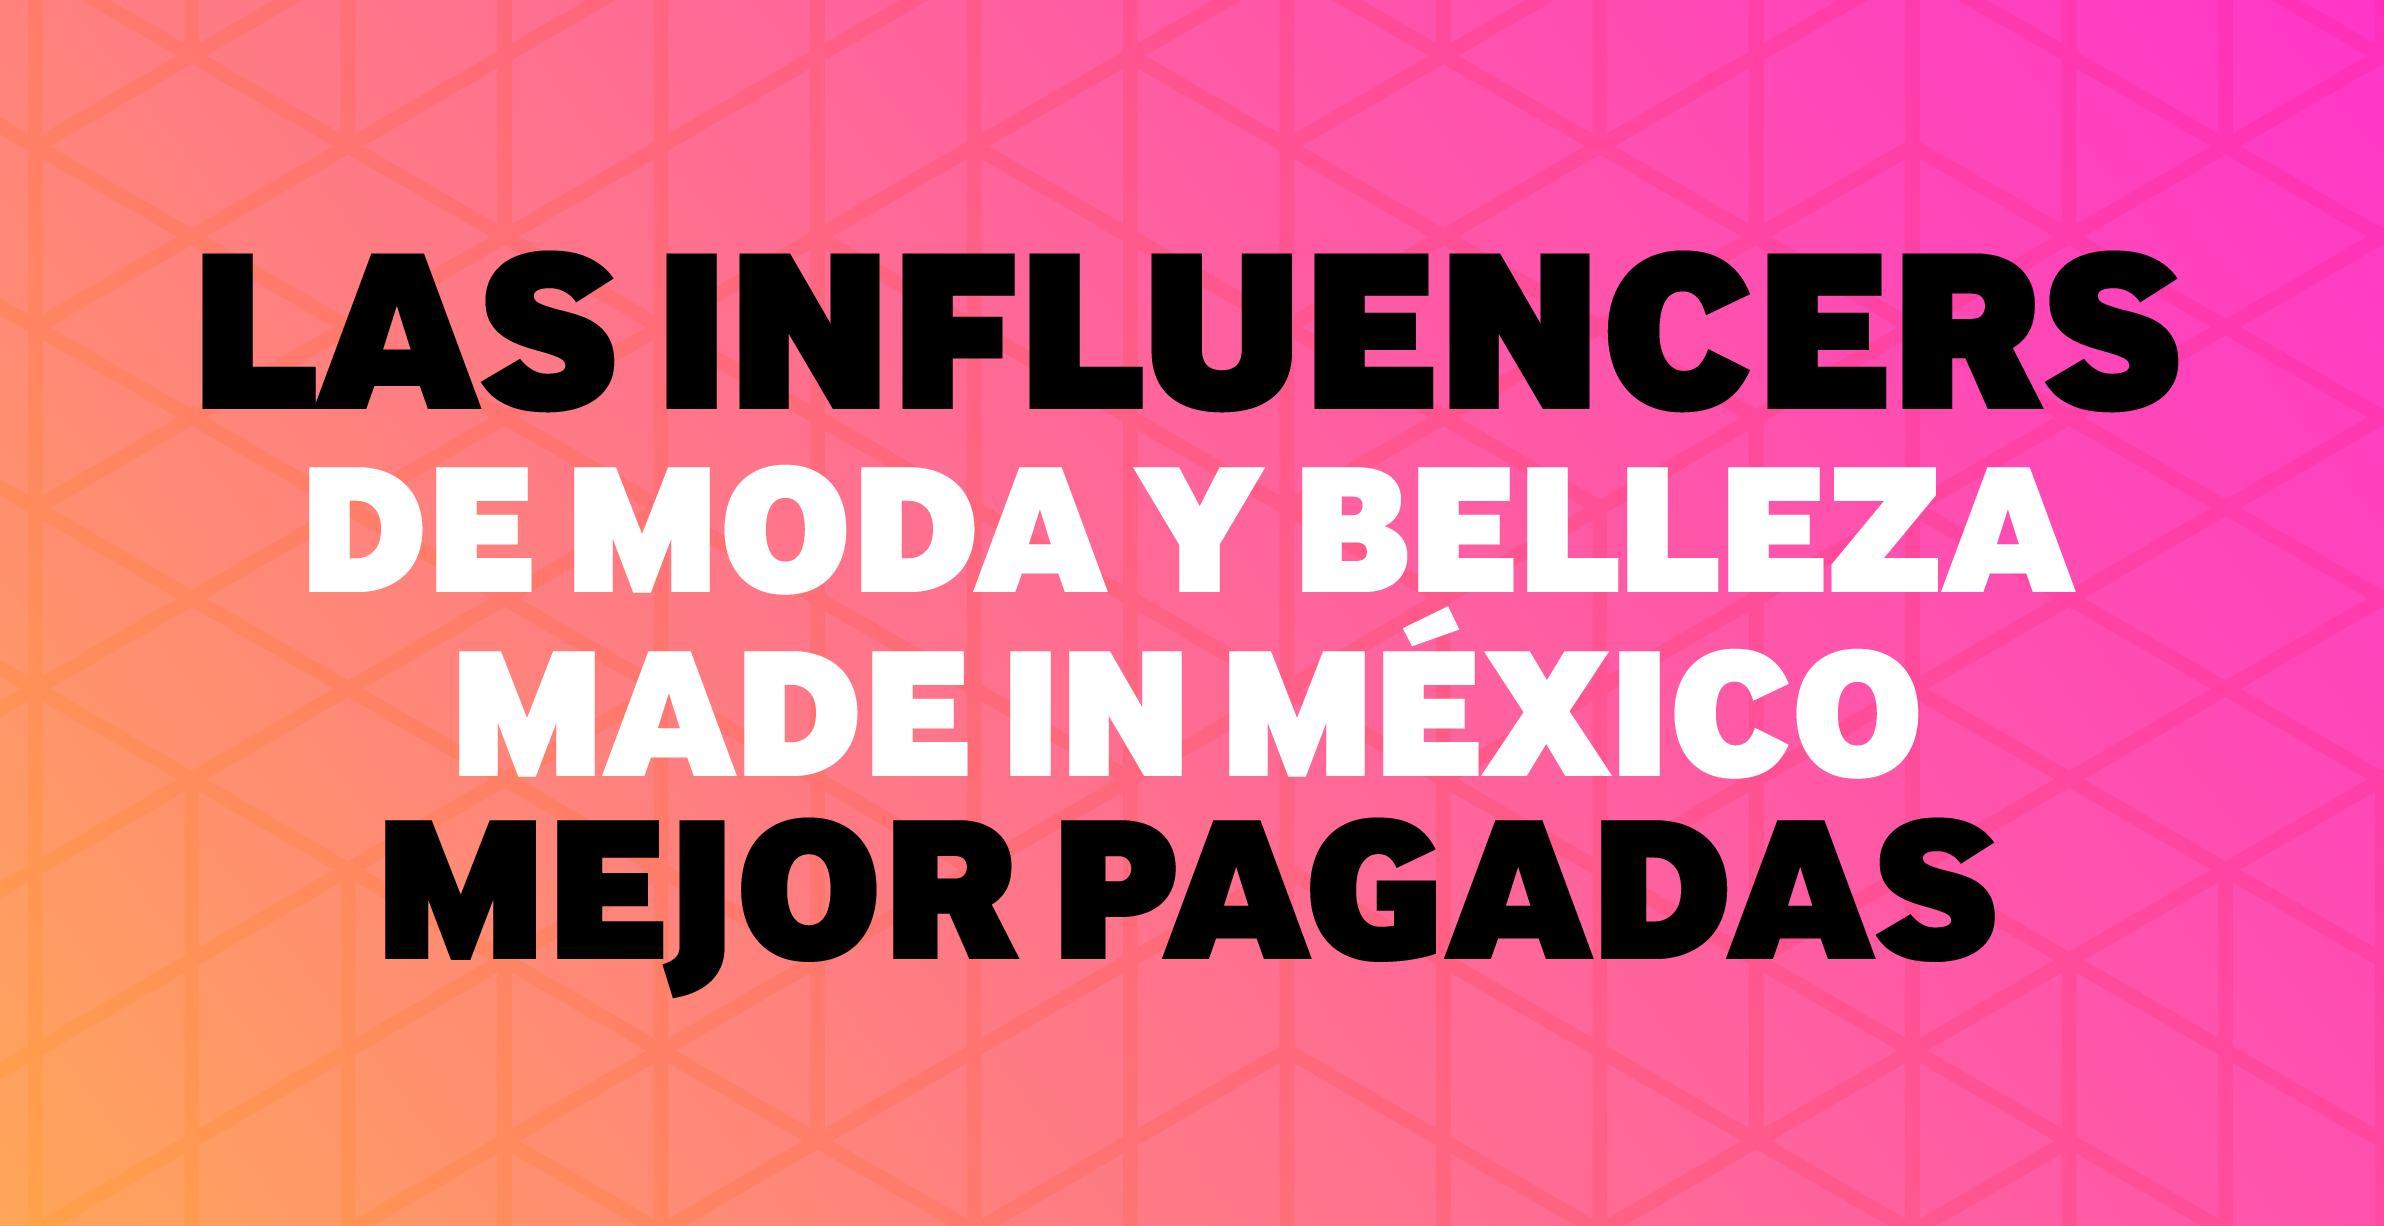 Influencers de éxito Made in México mejor pagadas